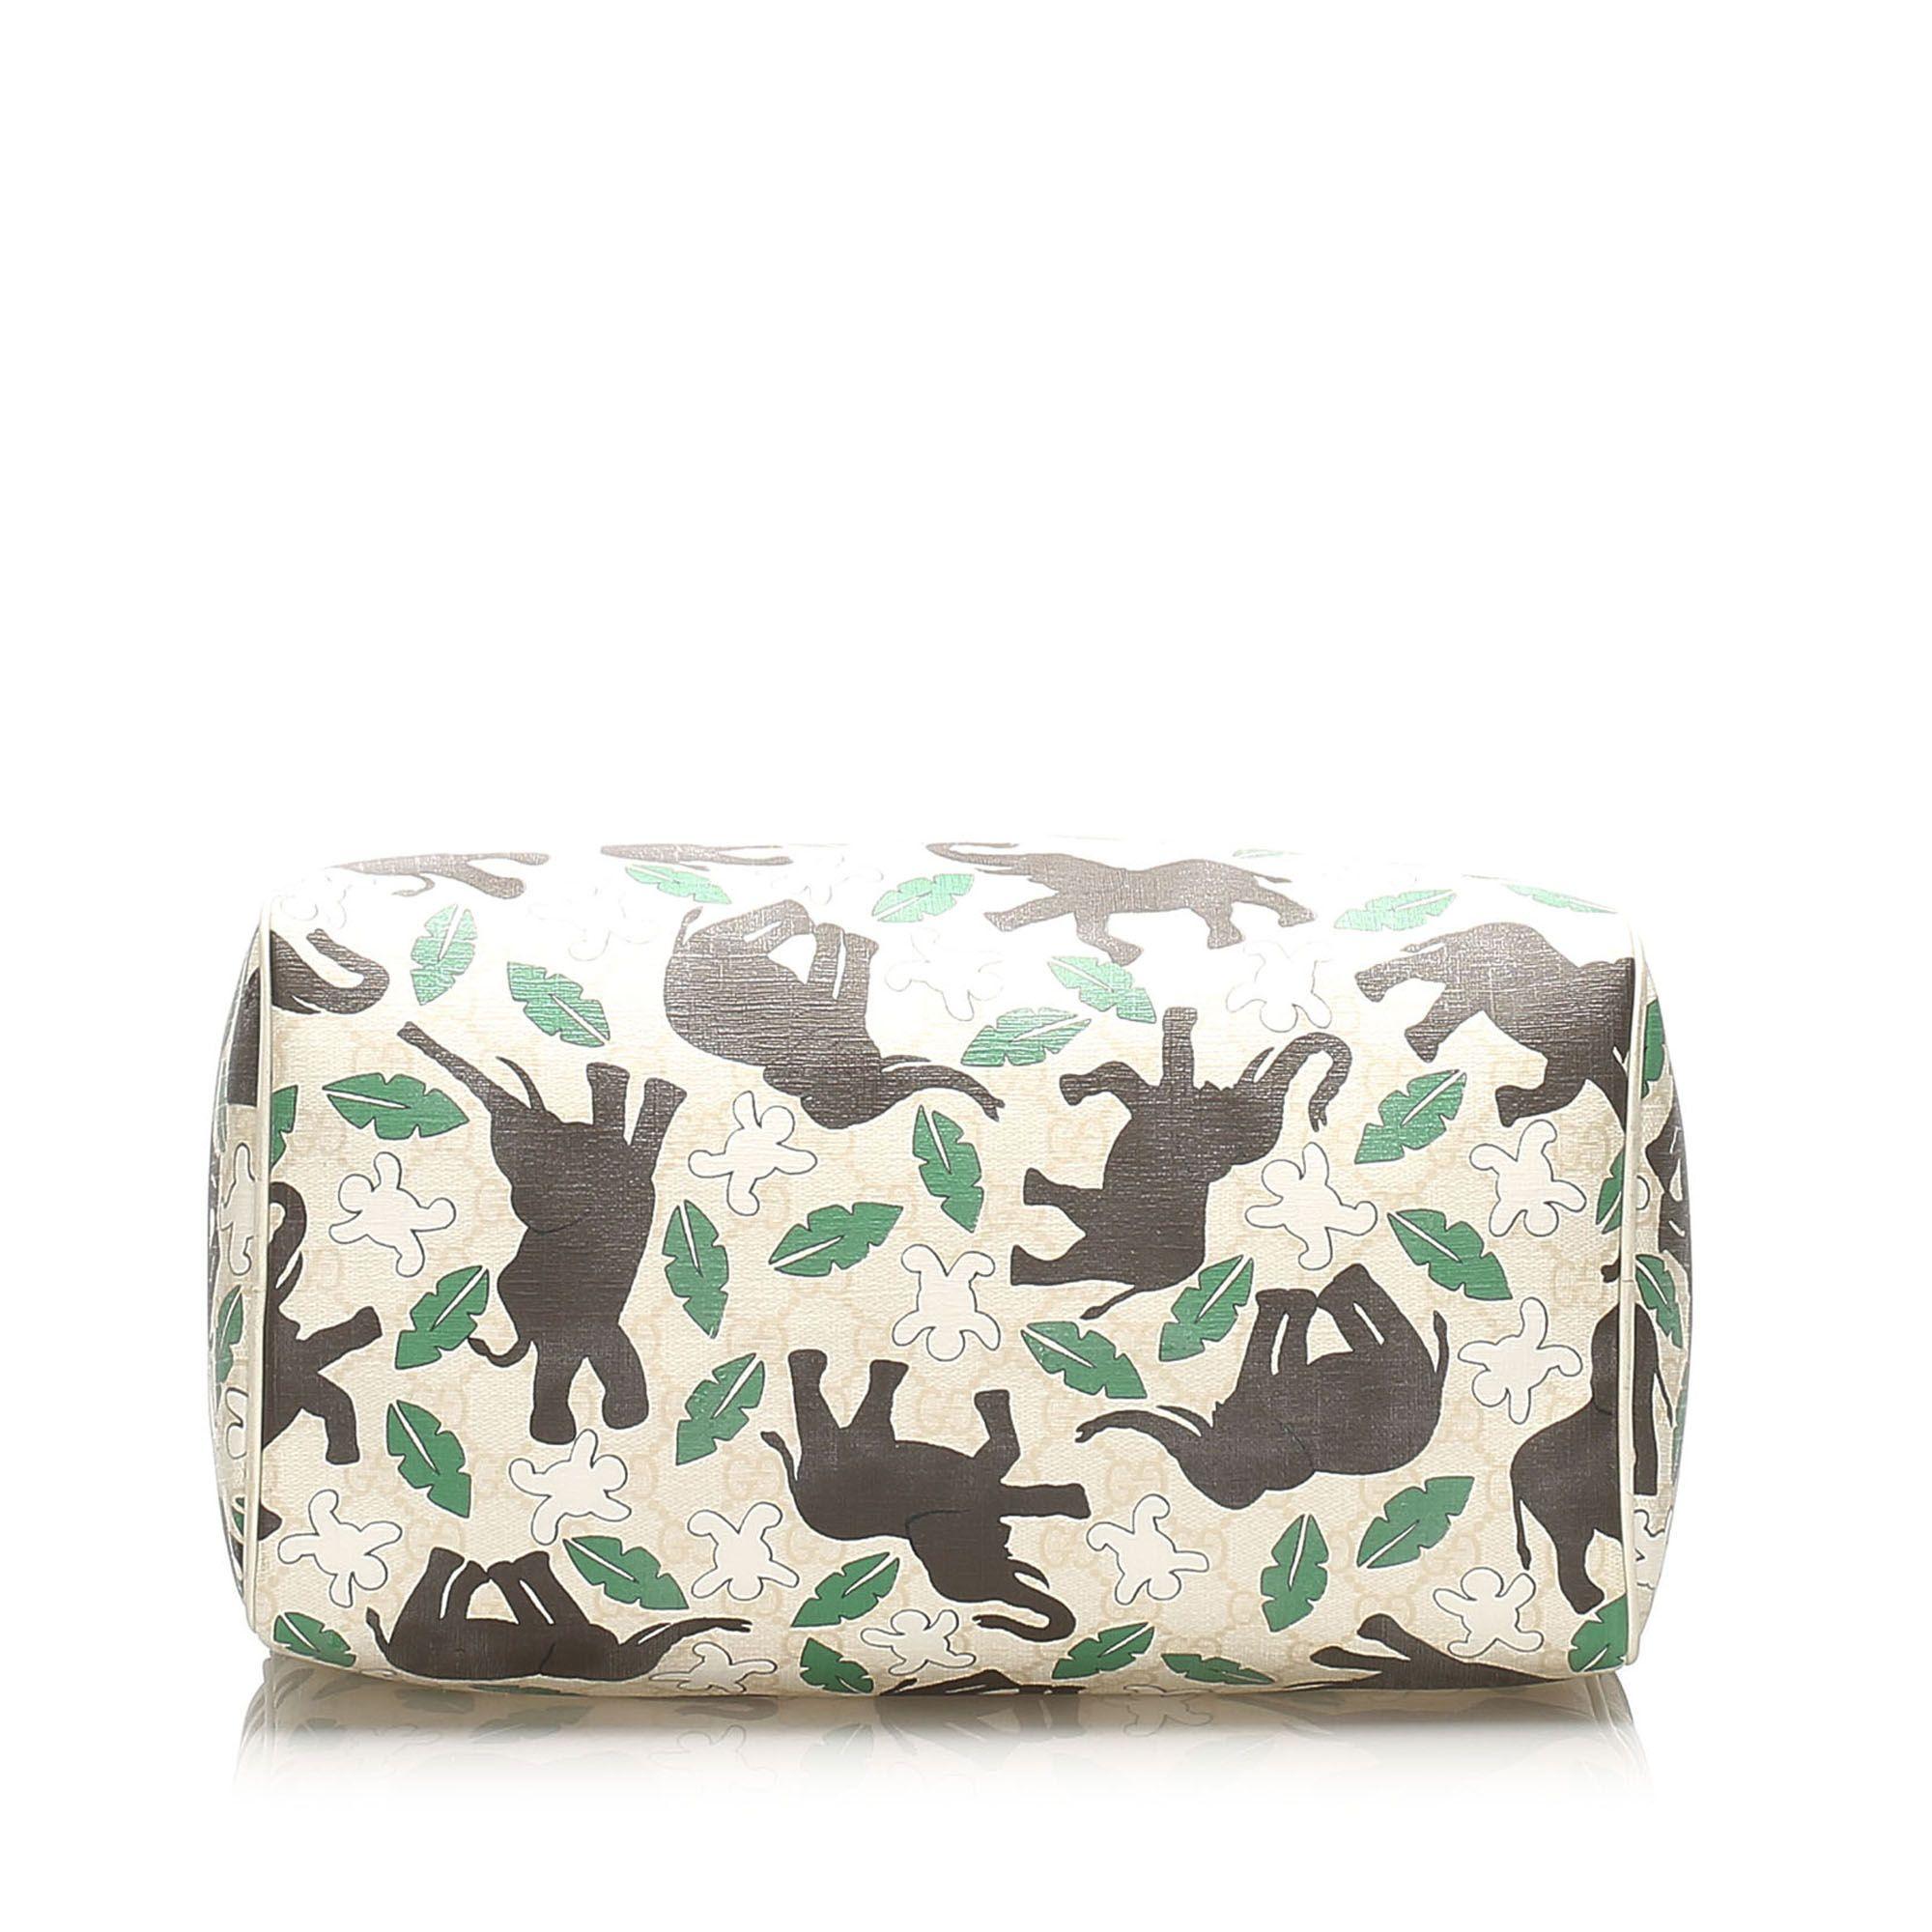 Vintage Gucci Elephant Print Joy PVC Boston Bag White